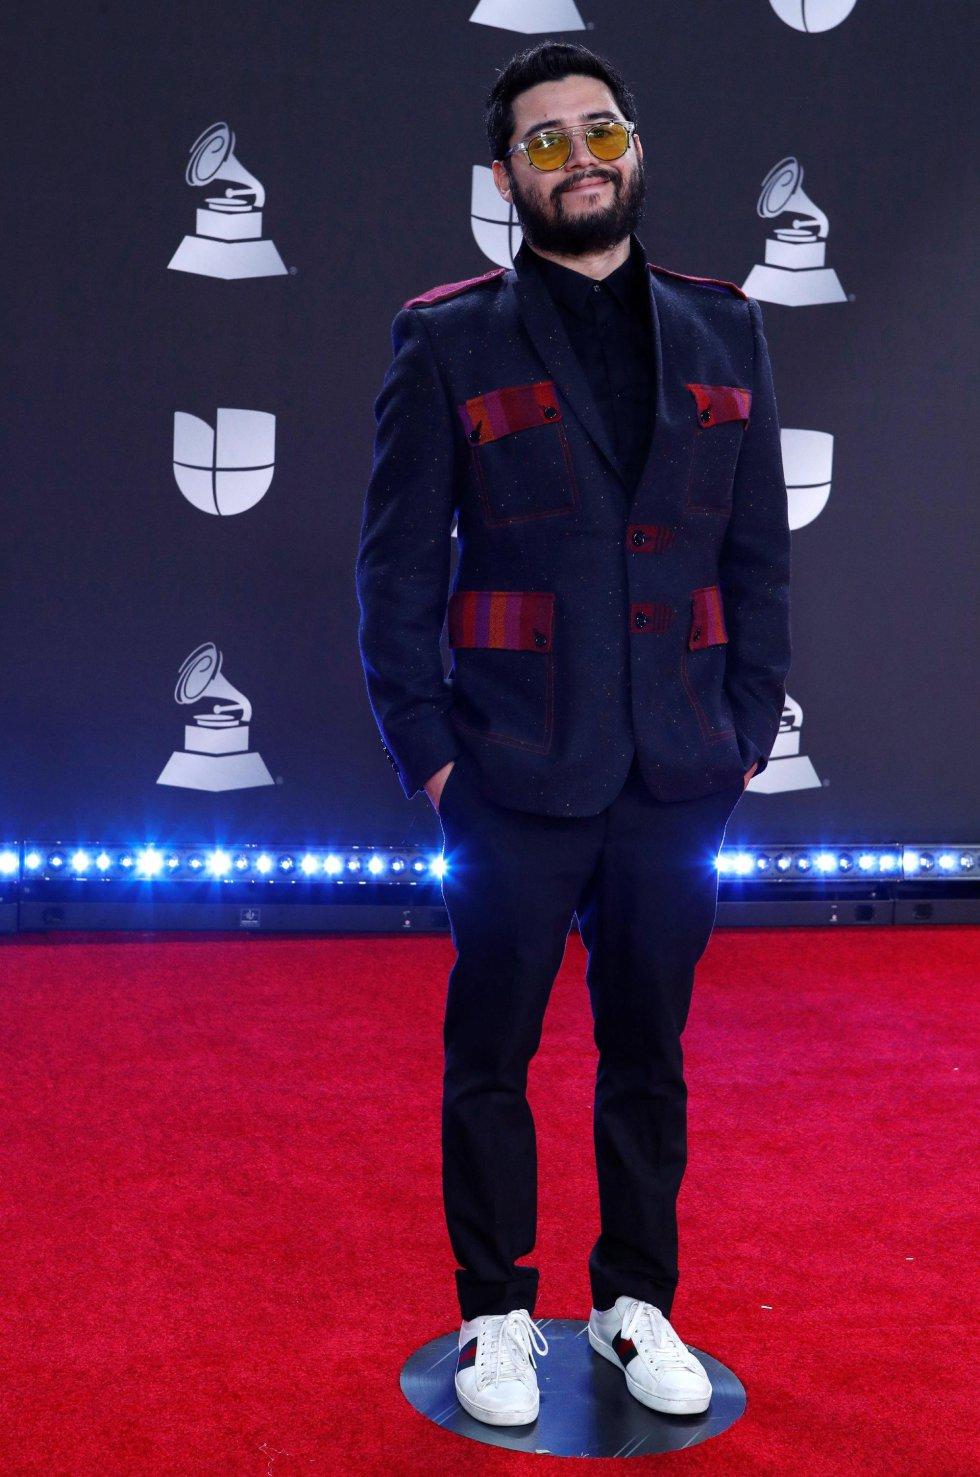 Trooko llega para la vigésima ceremonia anual de los Premios Grammy Latinos en el MGM Grand Garden Arena en Las Vegas, Nevada, EEUU.